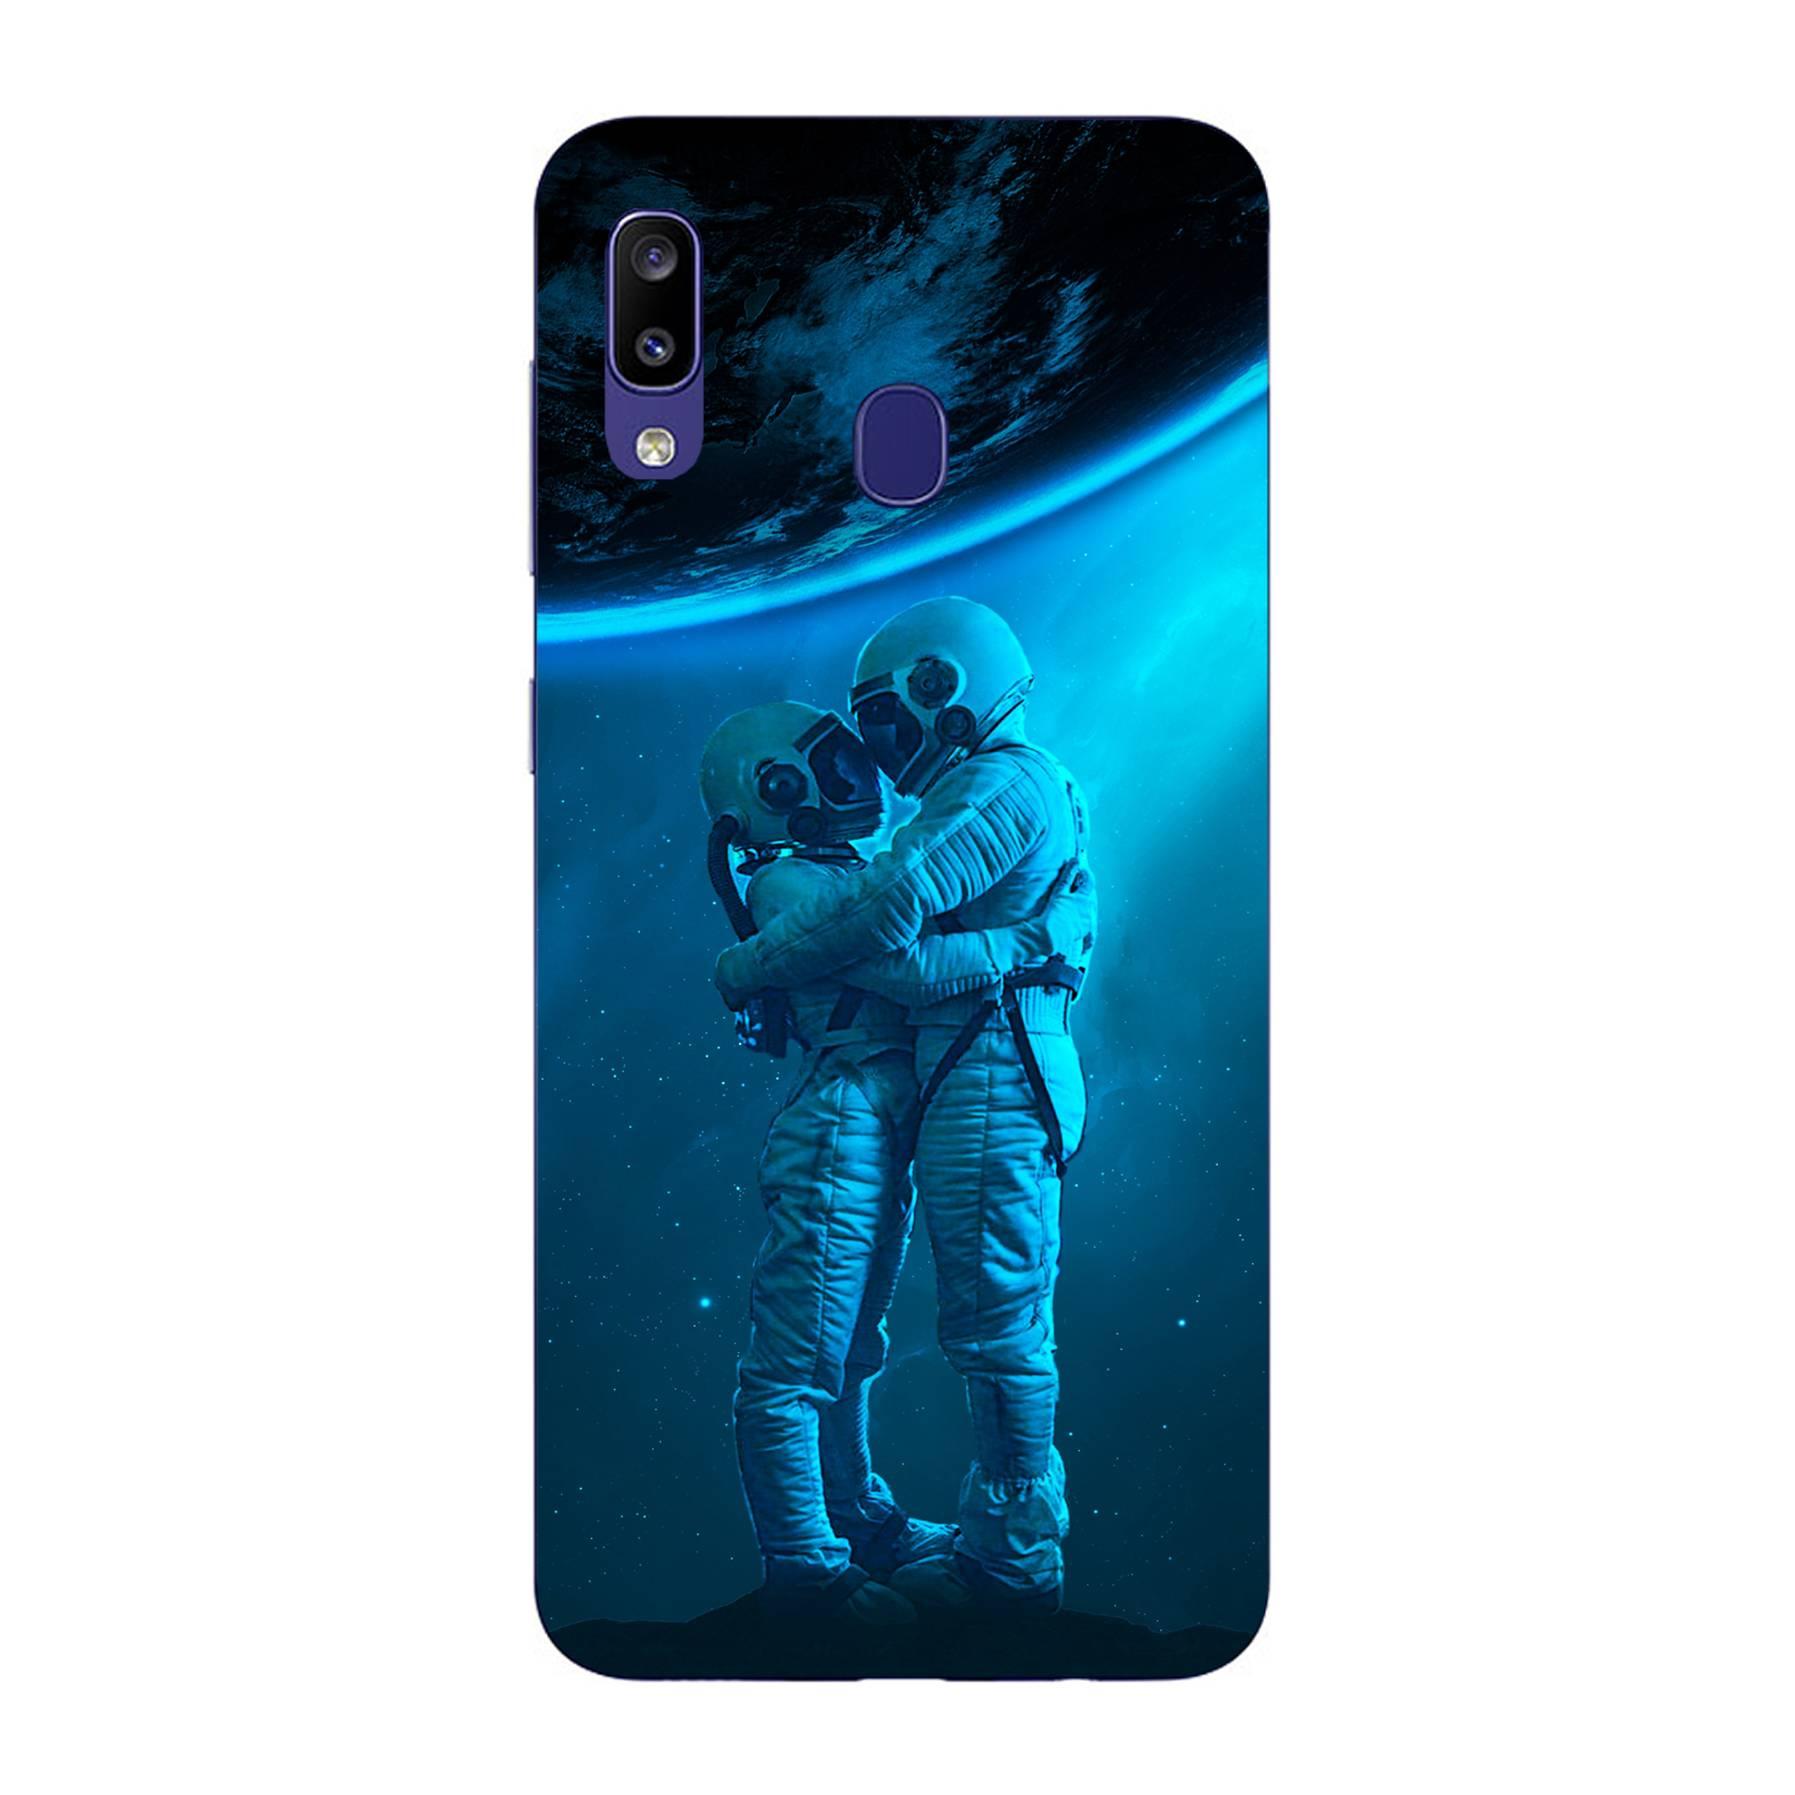 E-pic szilikon védő tok / hátlap - Szerelmes űrhajós pár mintás - SAMSUNG Galaxy M10s (SM-M107F)